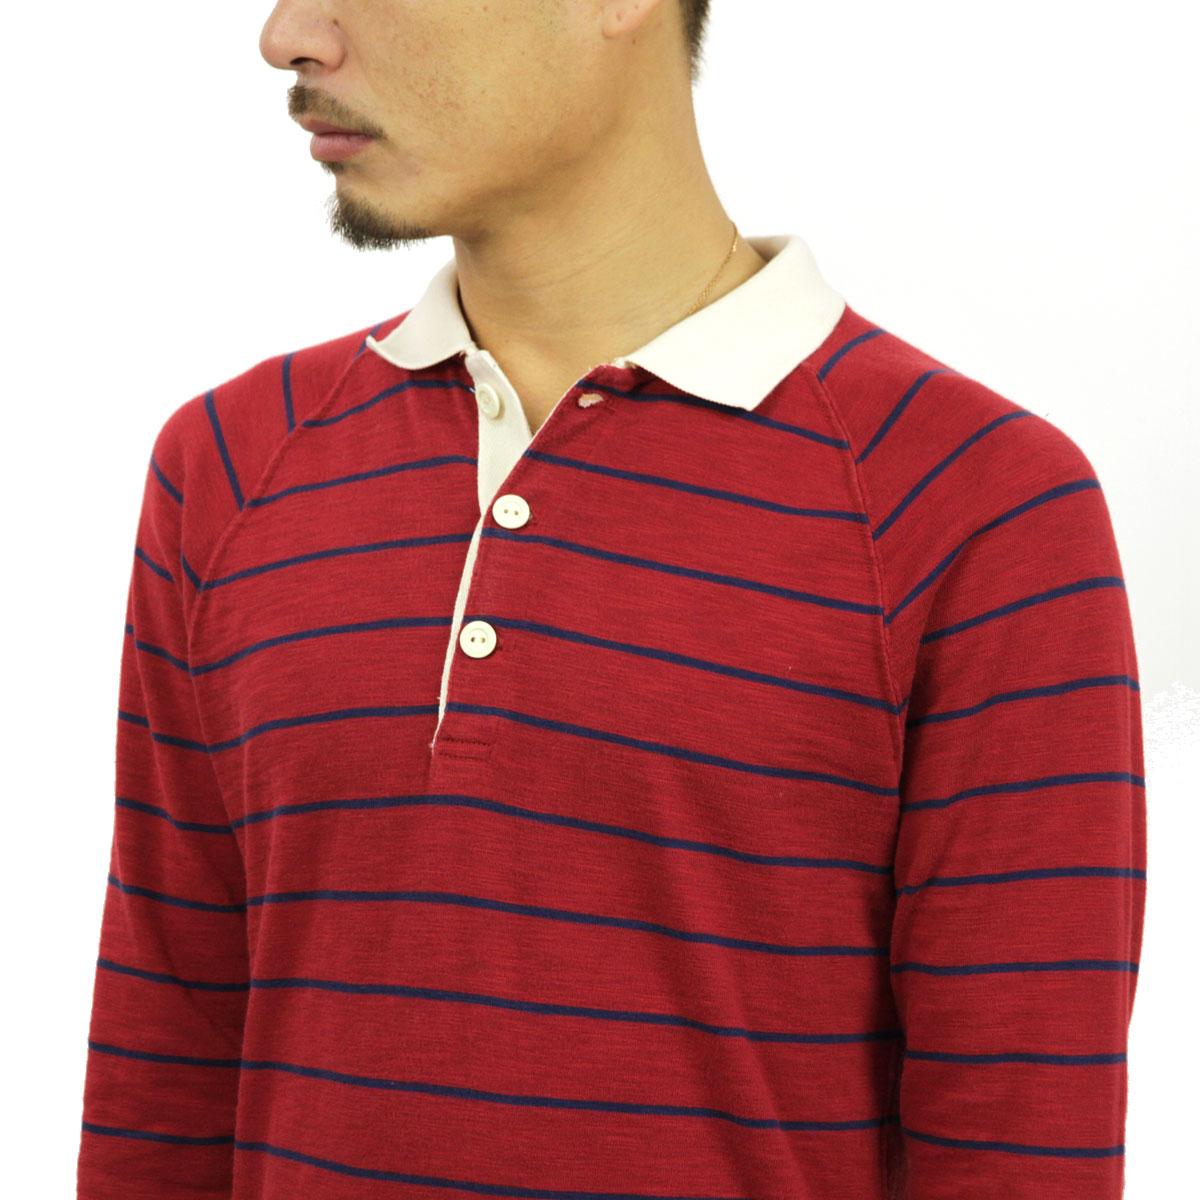 アバクロ Abercrombie&Fitch 正規品 メンズ 長袖ラガーシャツ LOGO LONG-SLEEVE POLO 121-224-0758-504